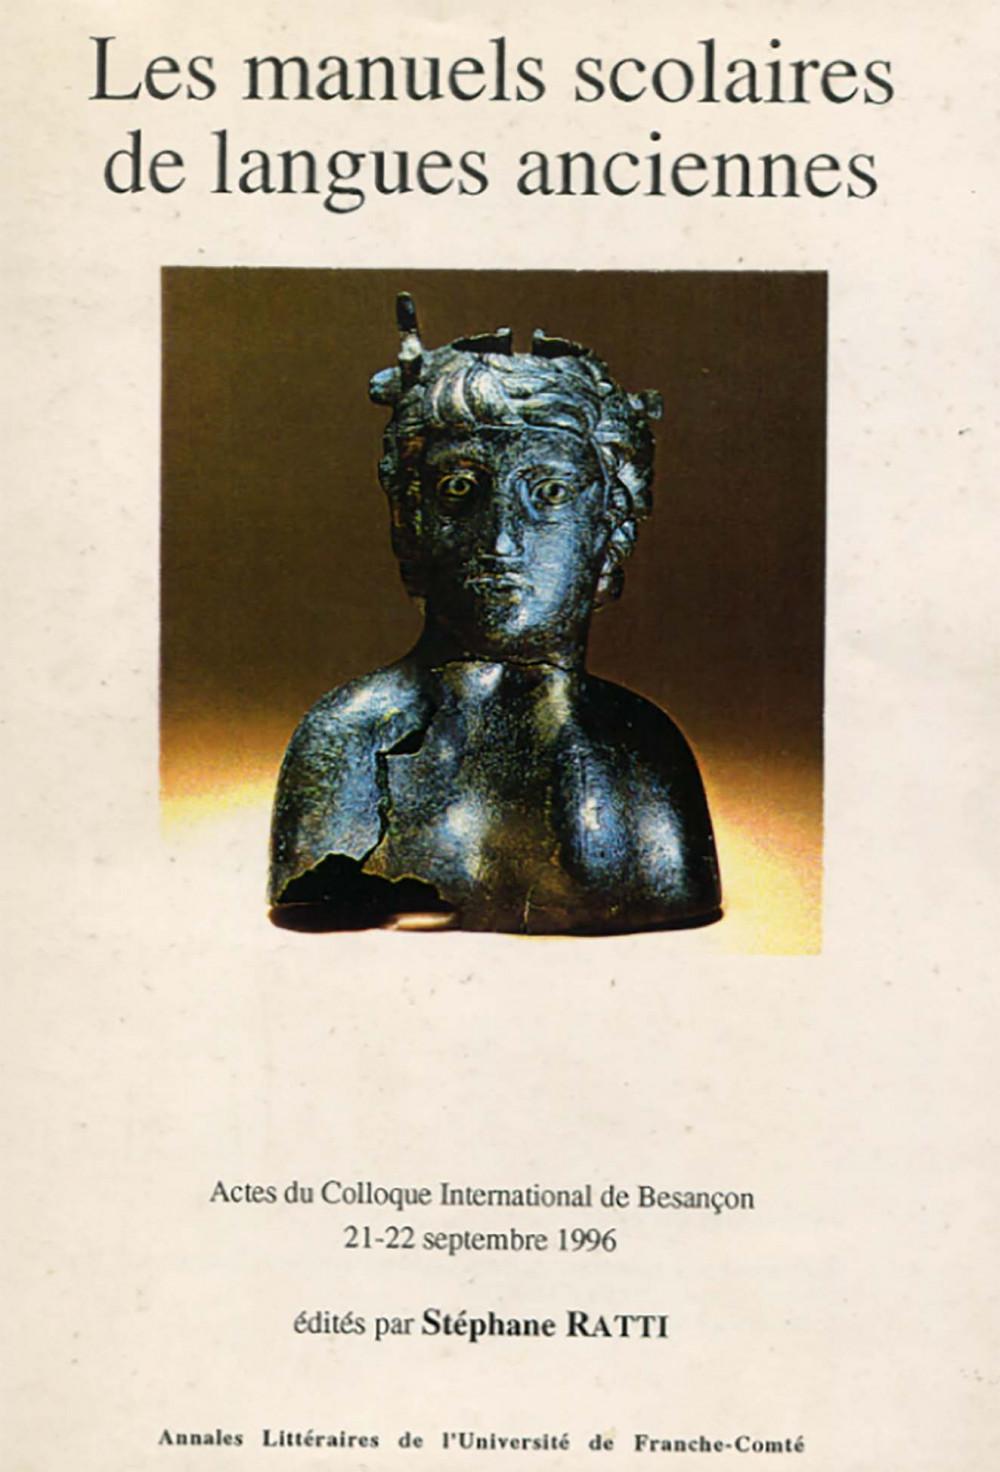 Les manuels scolaires de langues anciennes